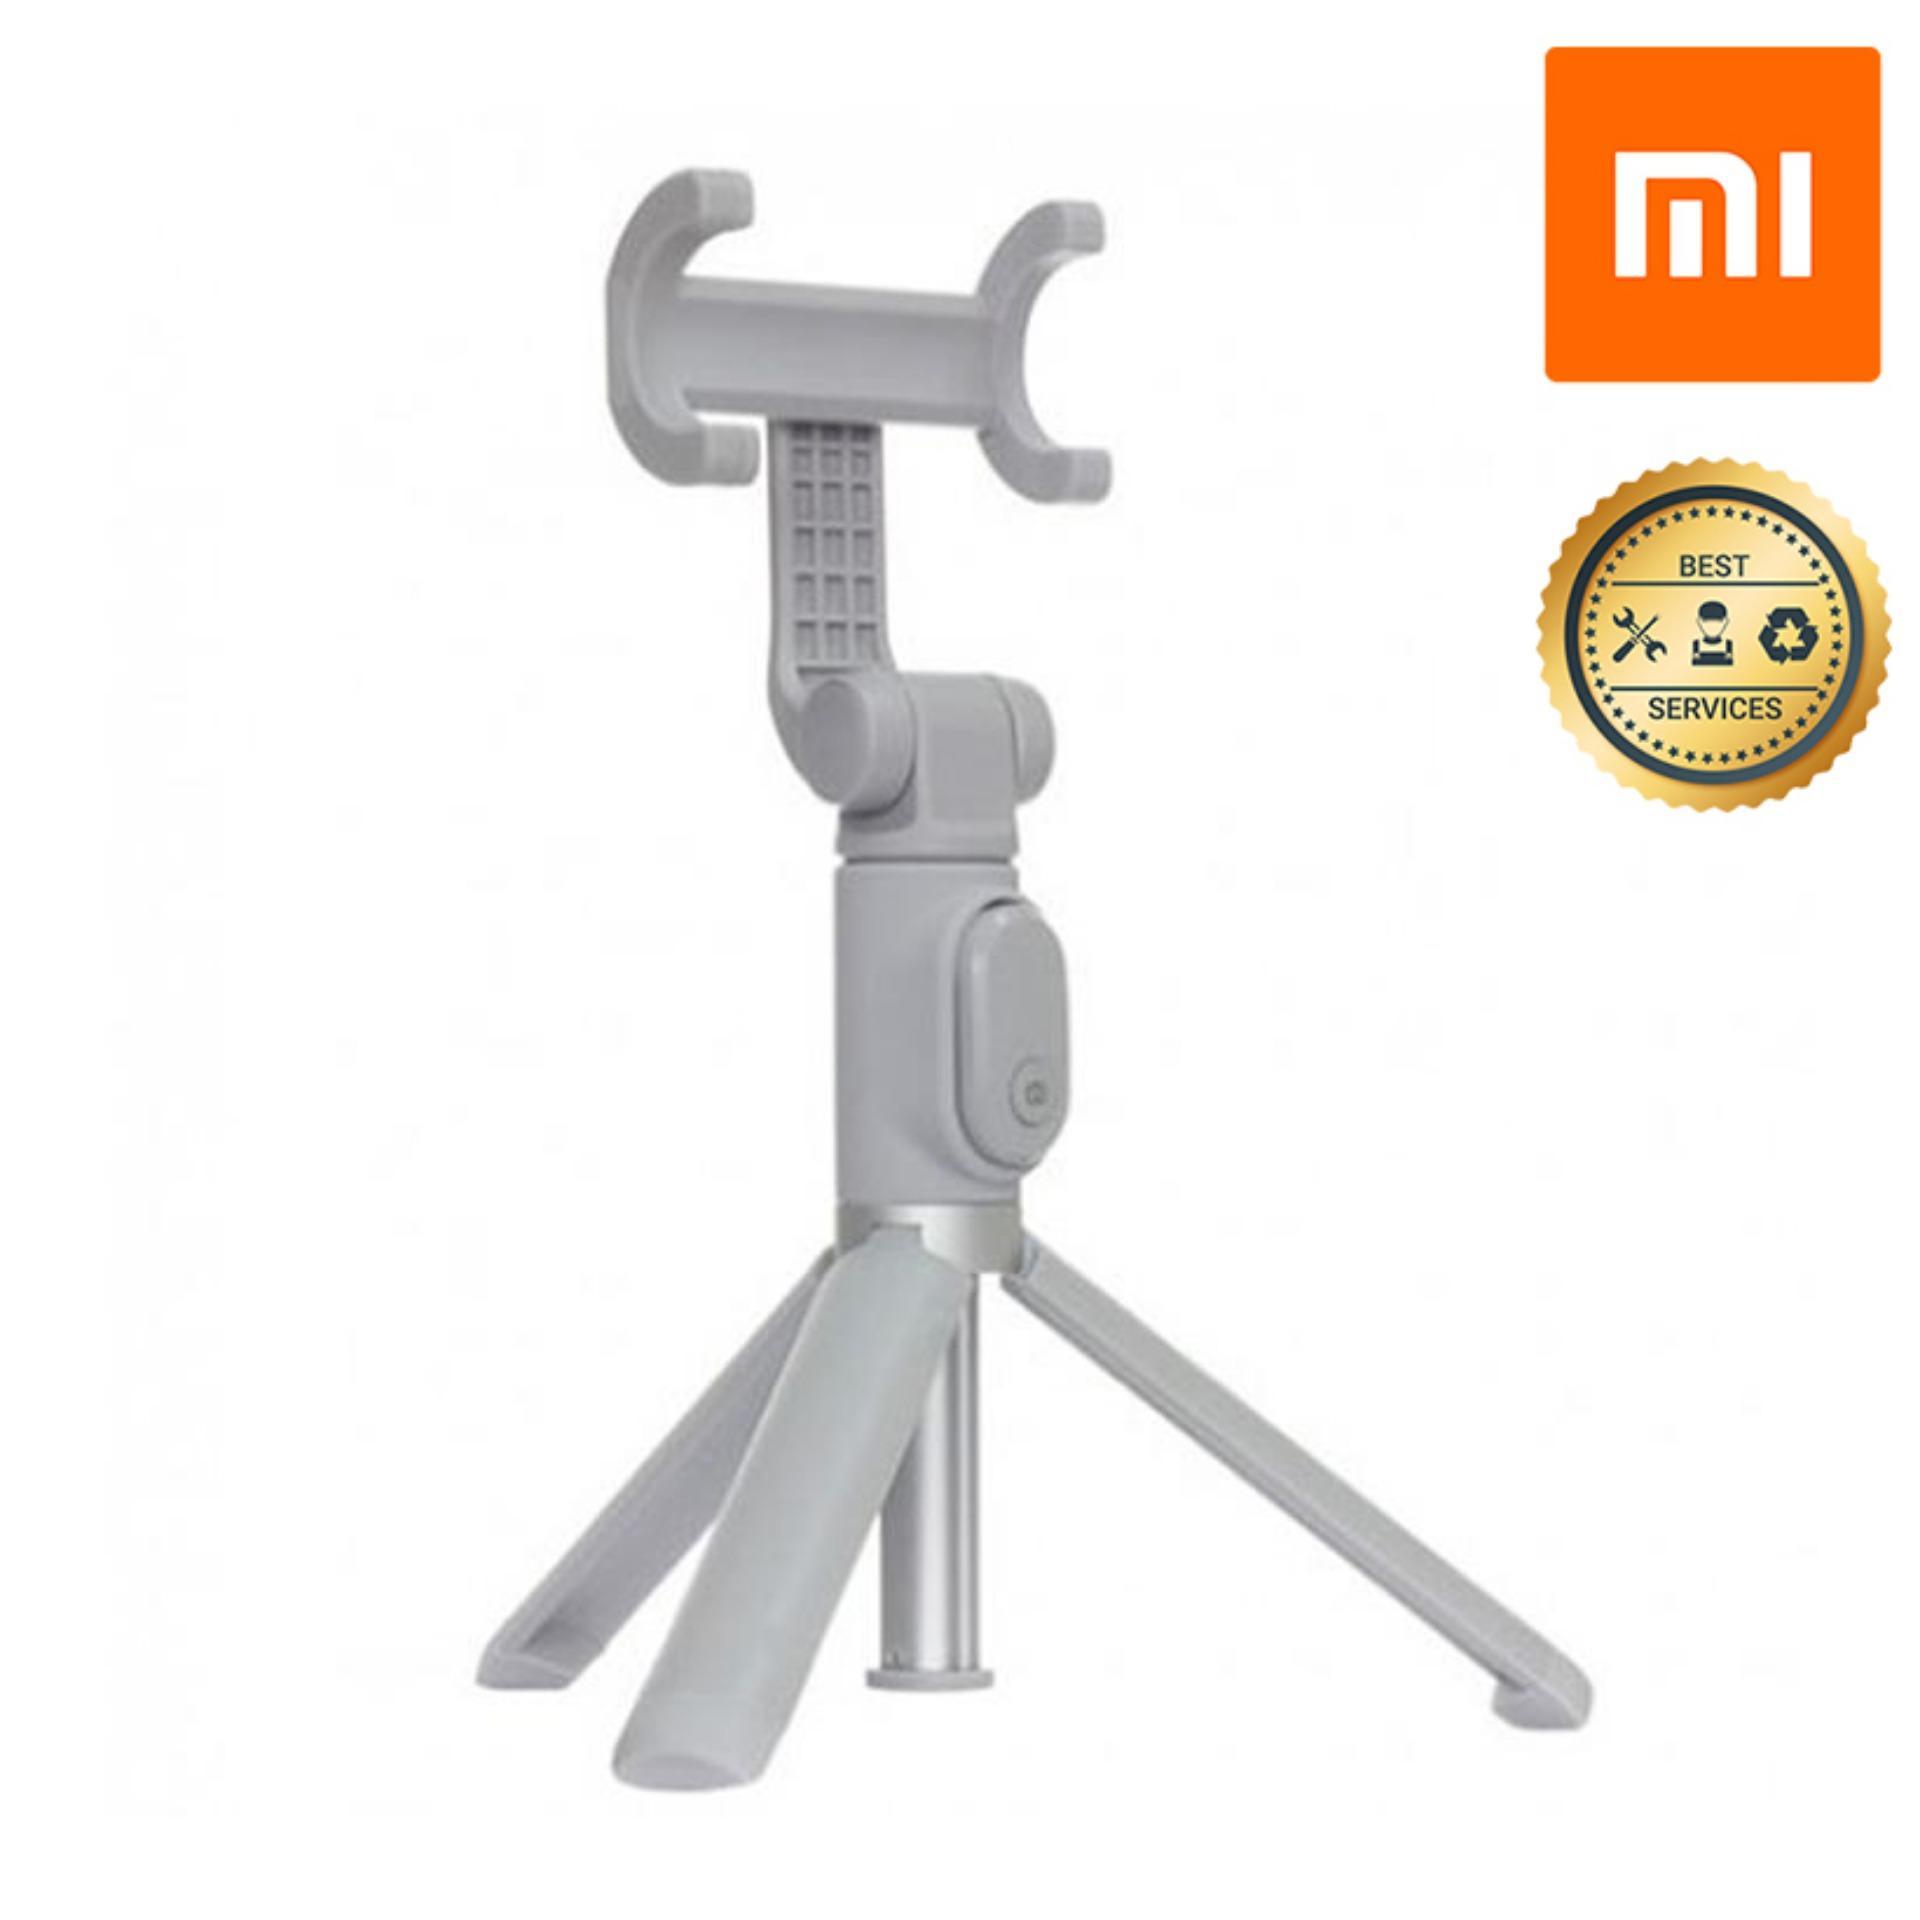 Gậy chụp ảnh 3 chân Xiaomi (Xám) - Phiên bản Mỹ